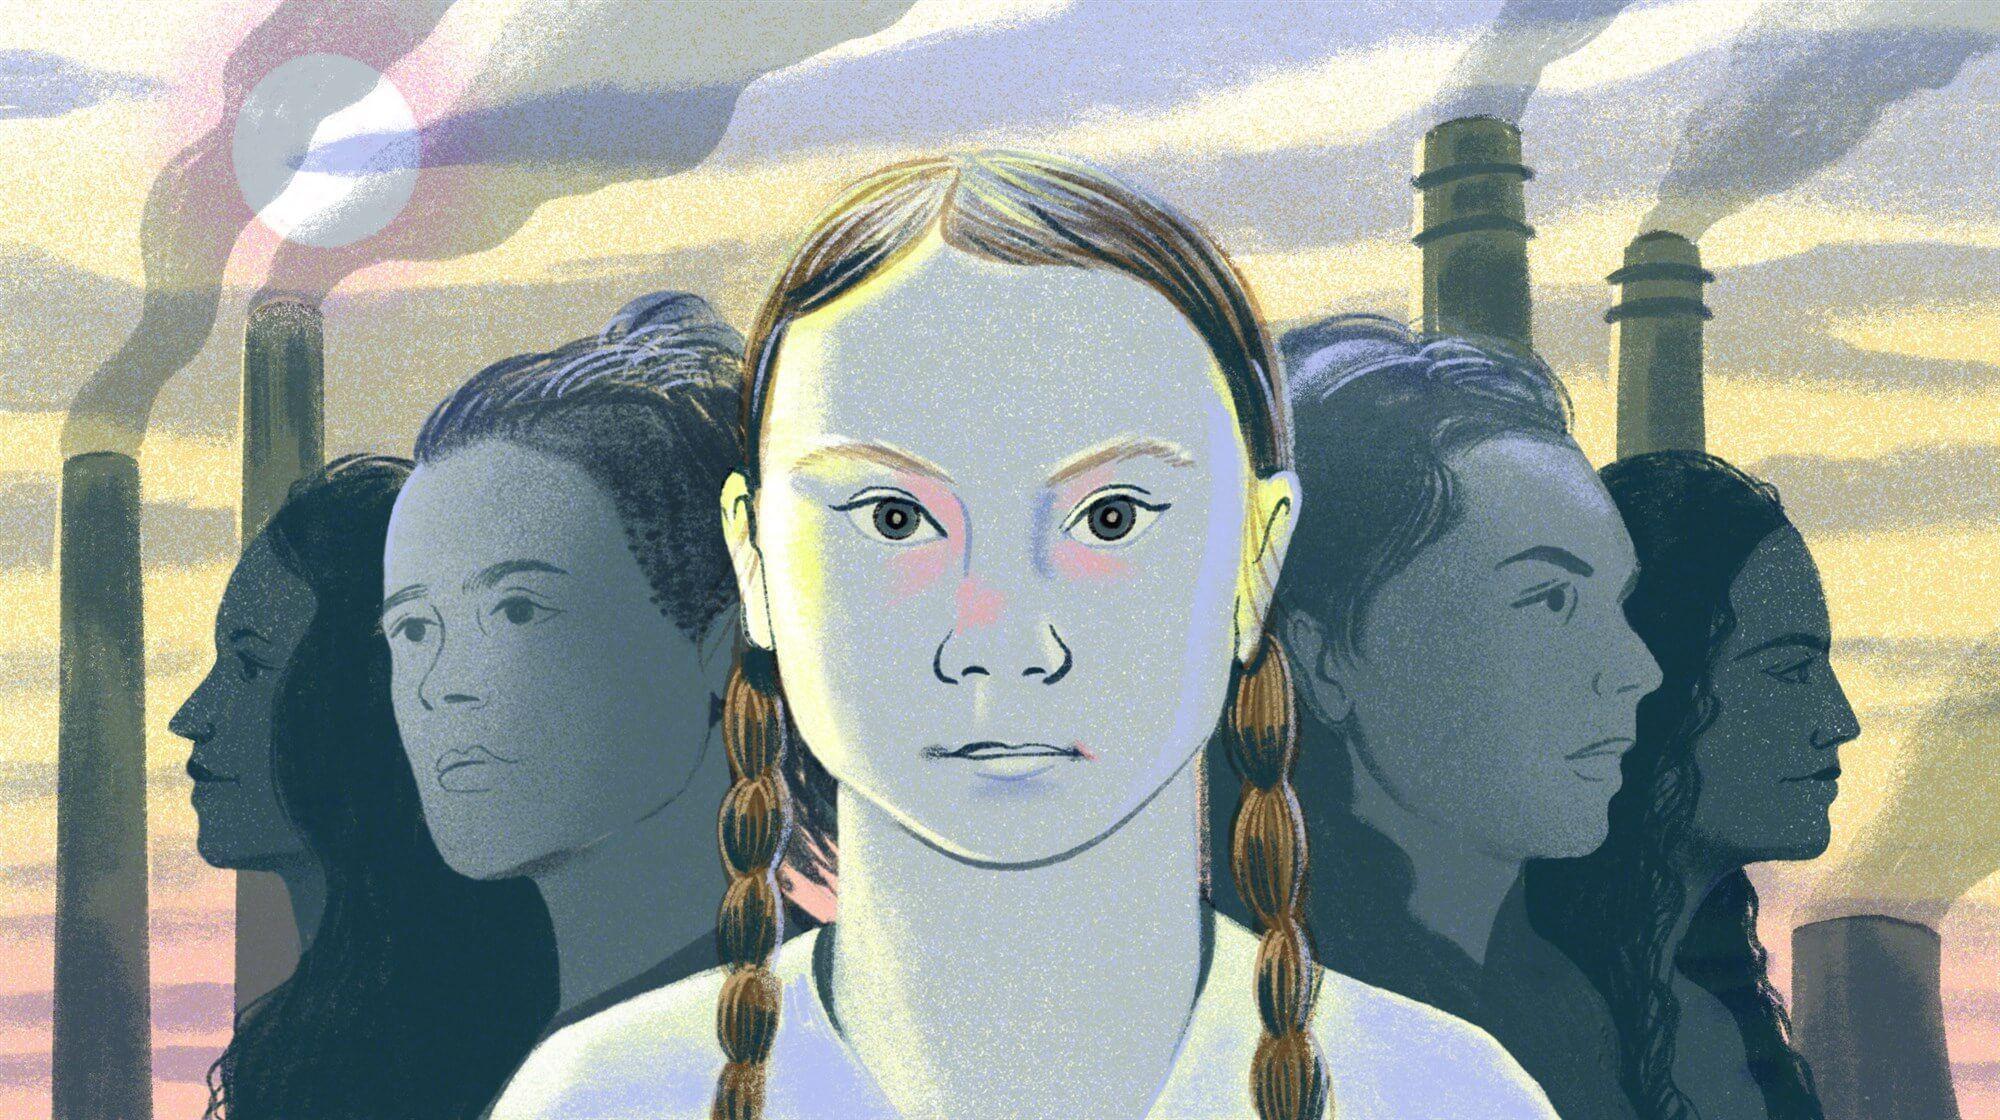 Грета Тунберг — символ движения, благодаря которому более 2 миллионов подростков по всему миру участвовали в школьных забастовках против изменения климата. Источник: Eleanor Taylor / nbcnews.com